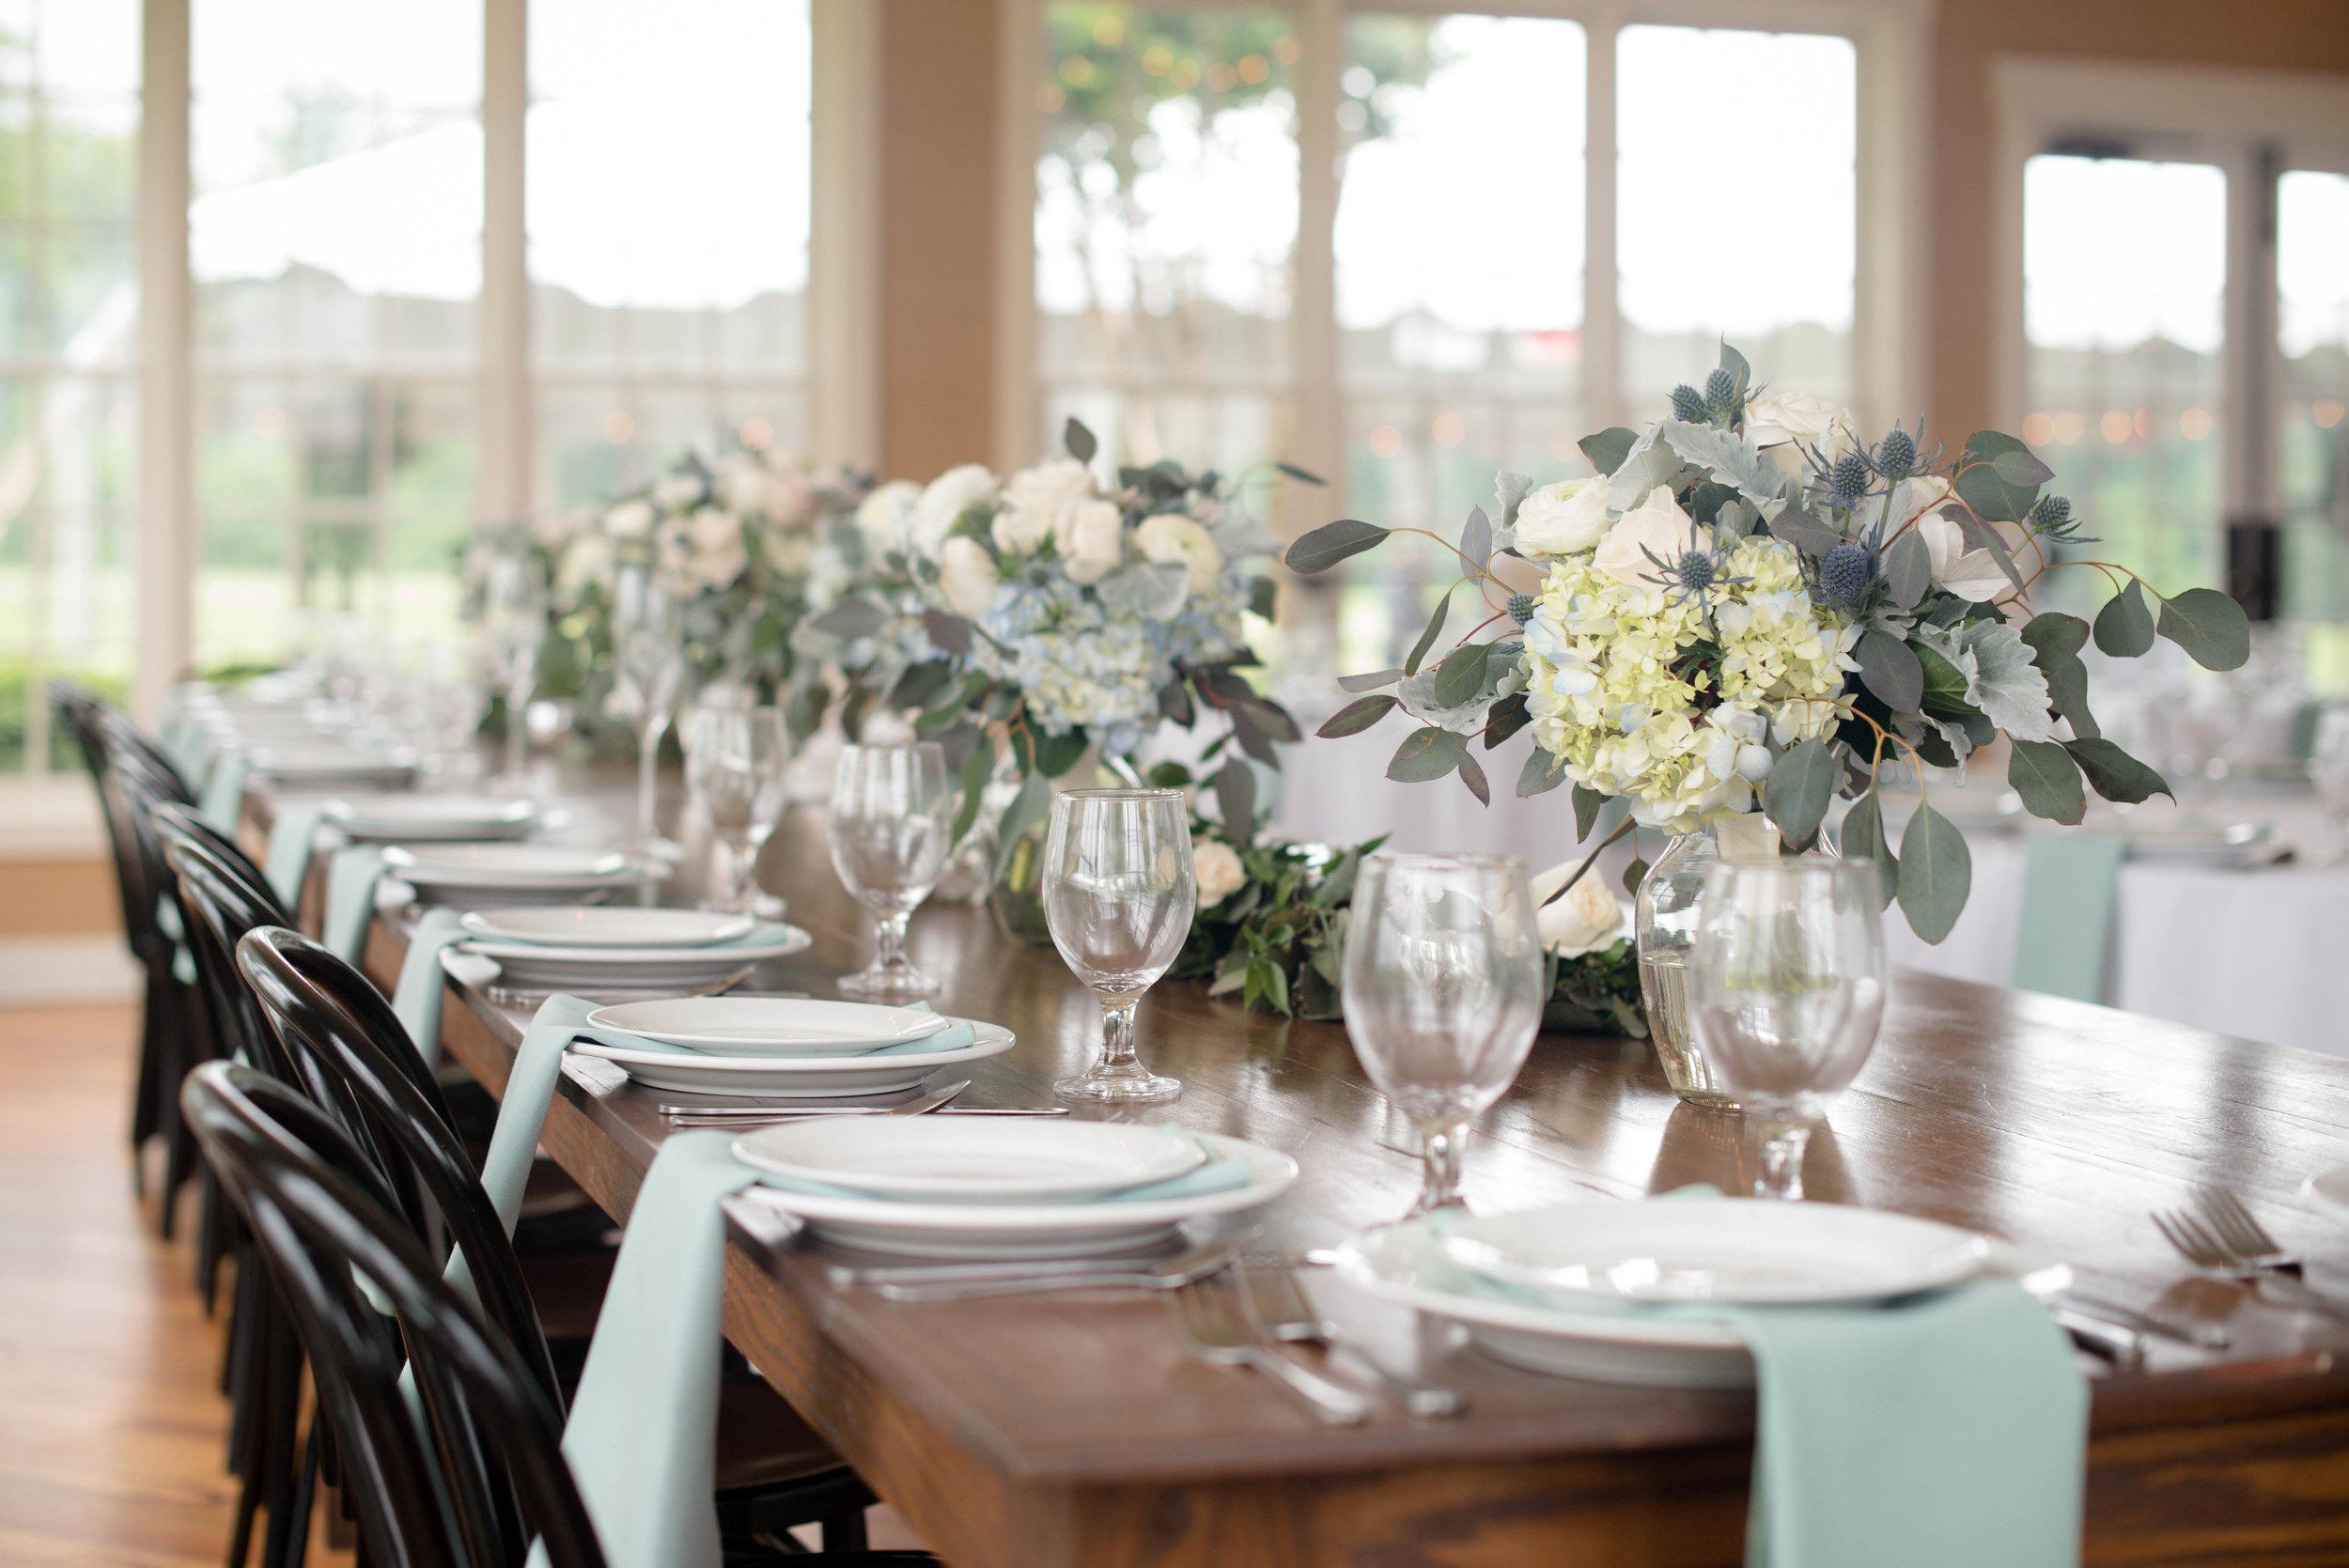 blue-ridge-wedding-ashley-nicole-photography-restoration-hall-crozetphotography-restorationhall-charlottesville-wedding_details-19.jpg